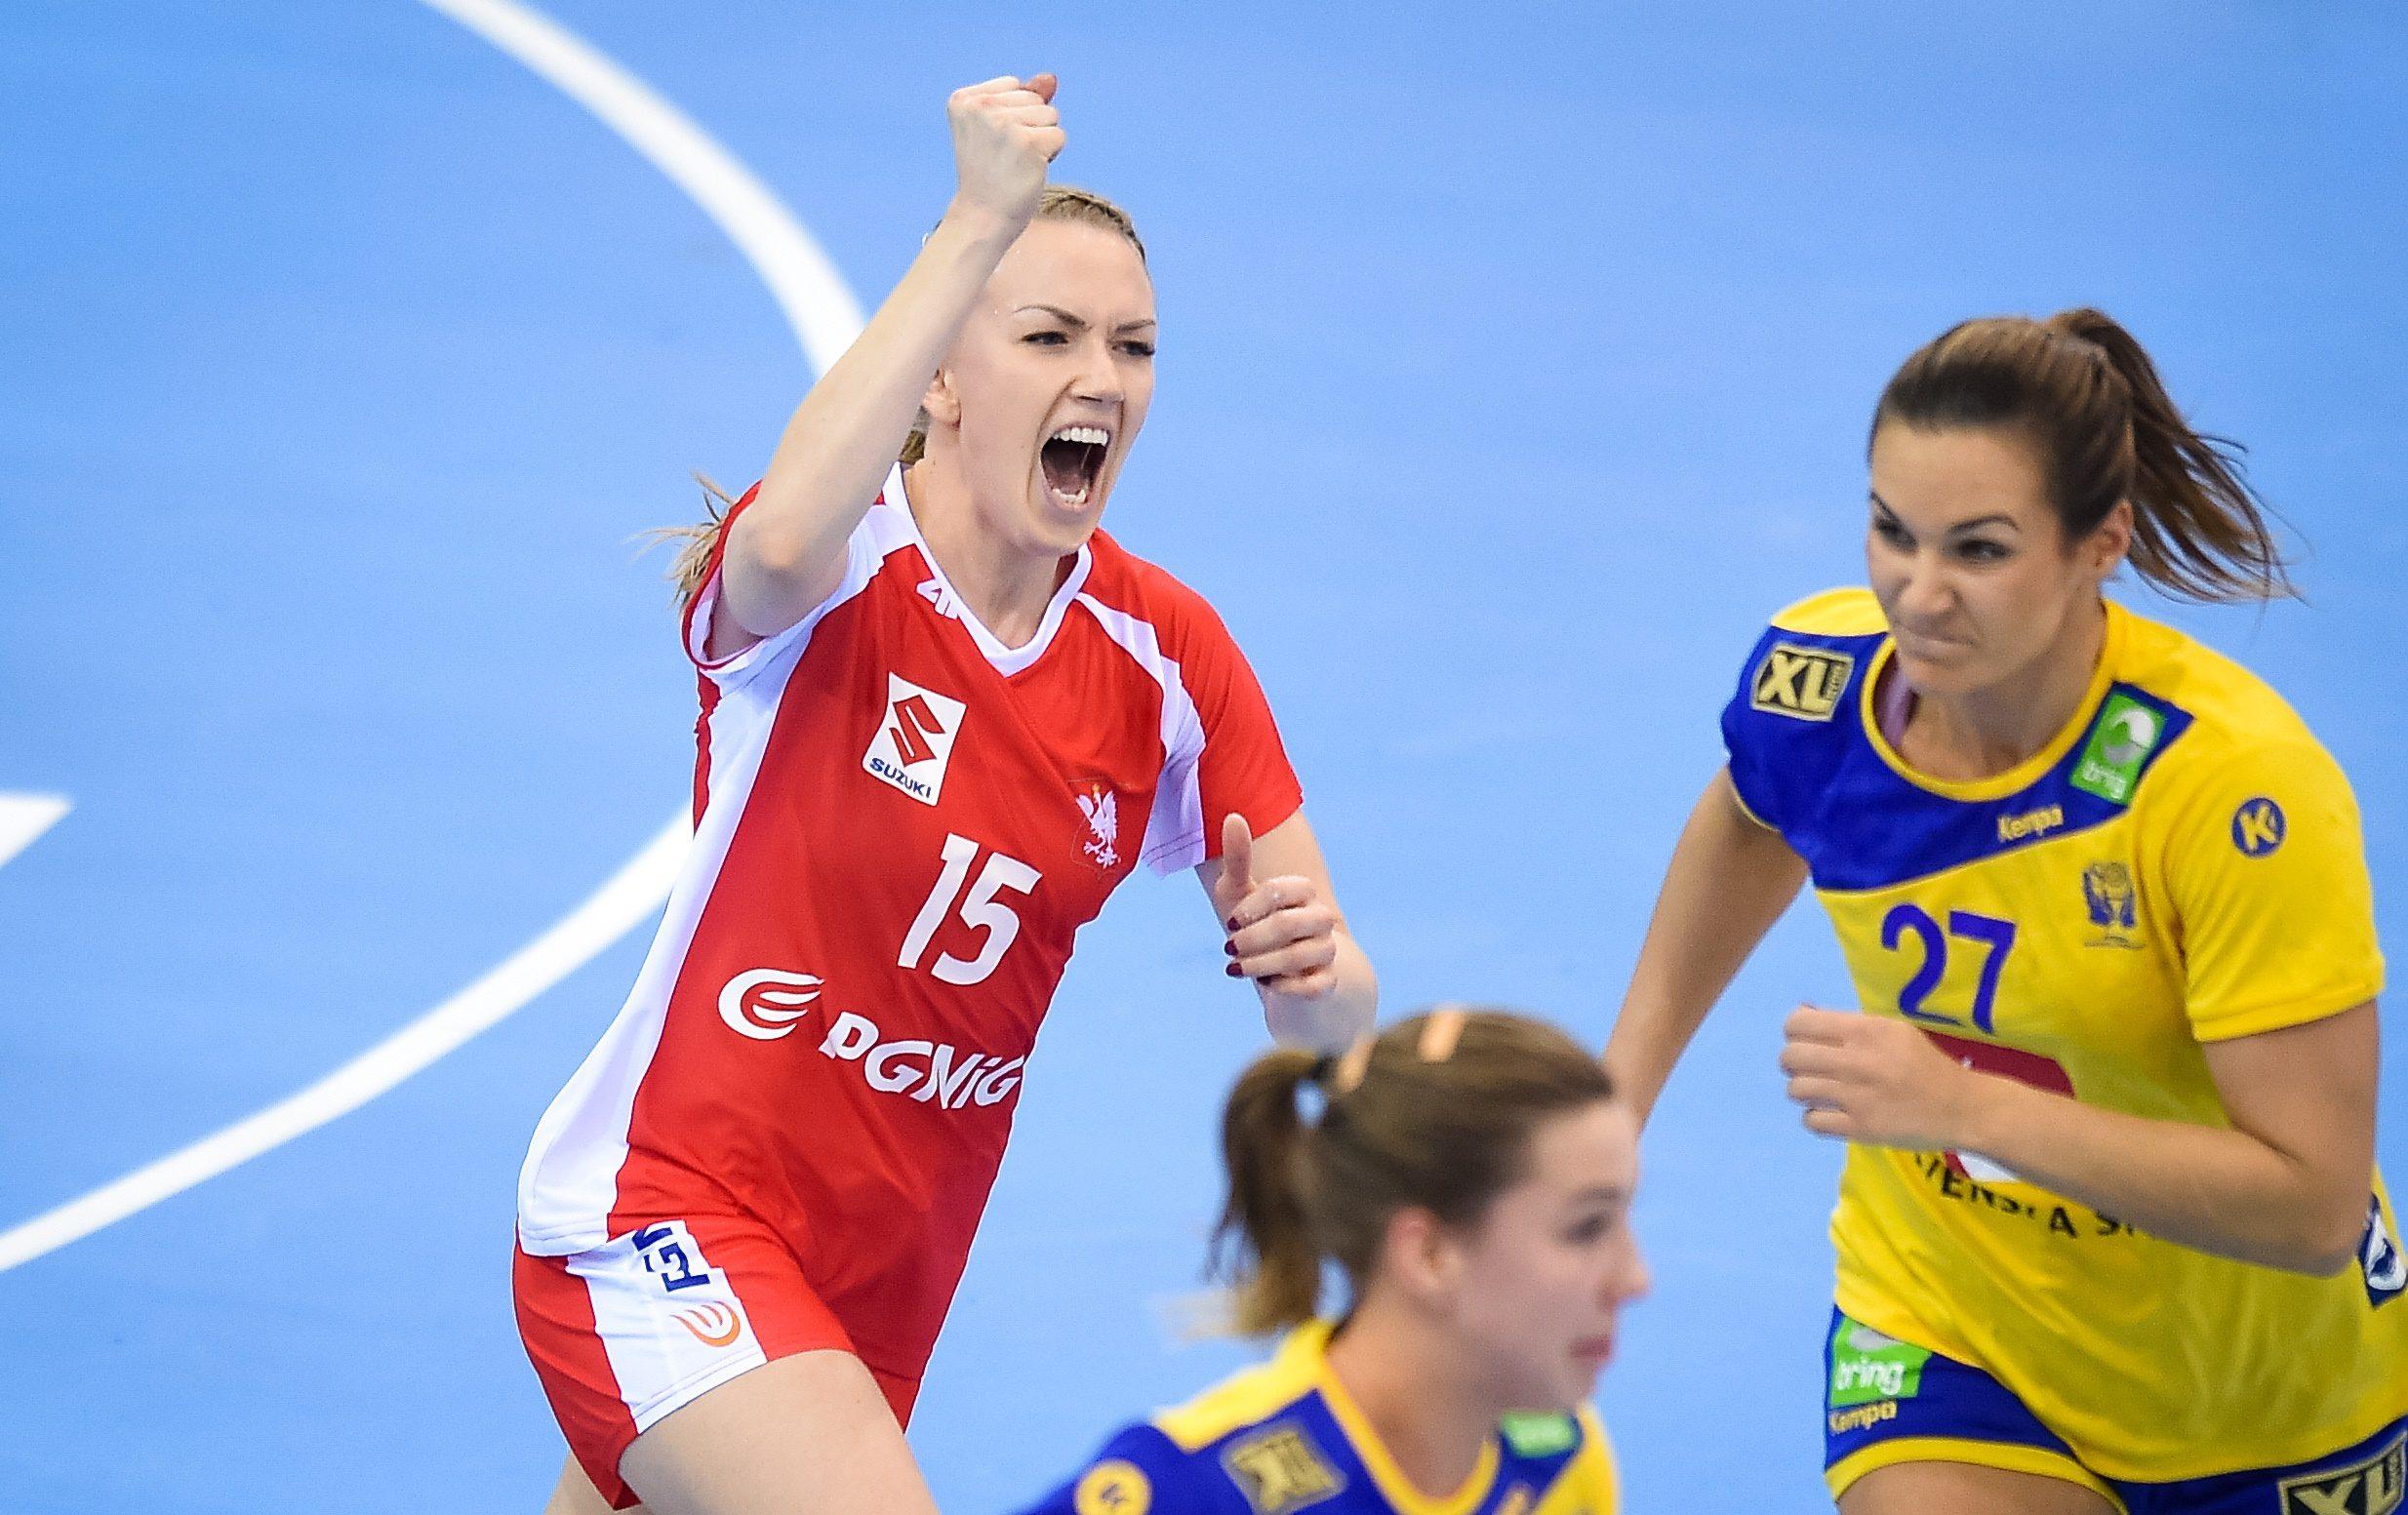 Katarzyna Janiszewska of Poland